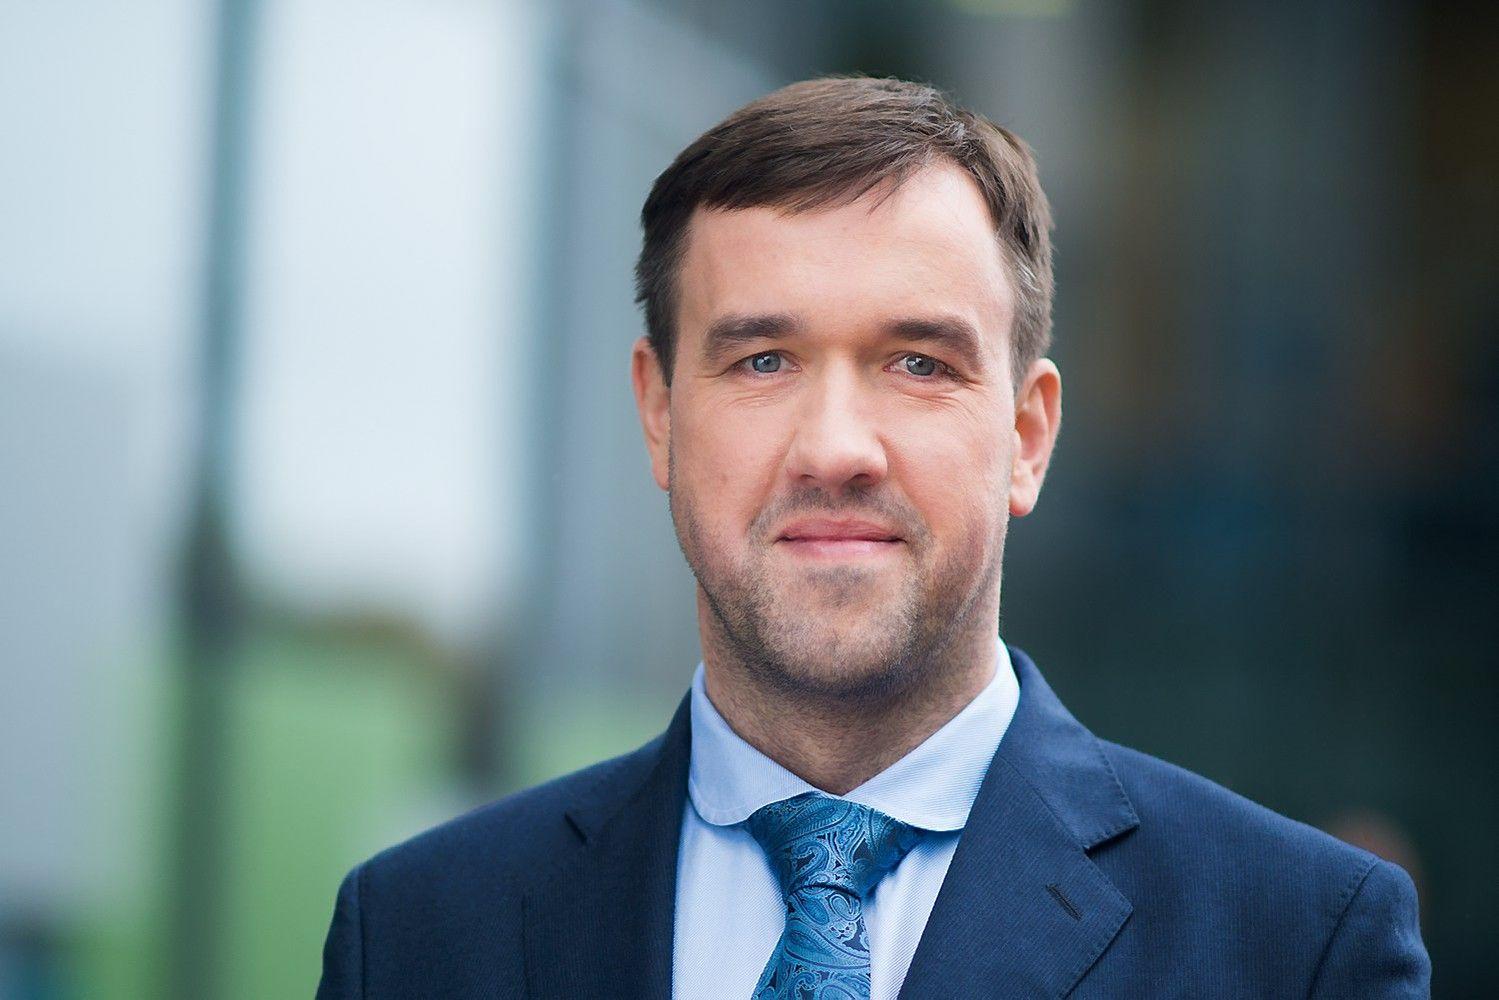 Darbo sutarties su juridinių asmenų vadovais ypatumai naujajame darbo kodekse